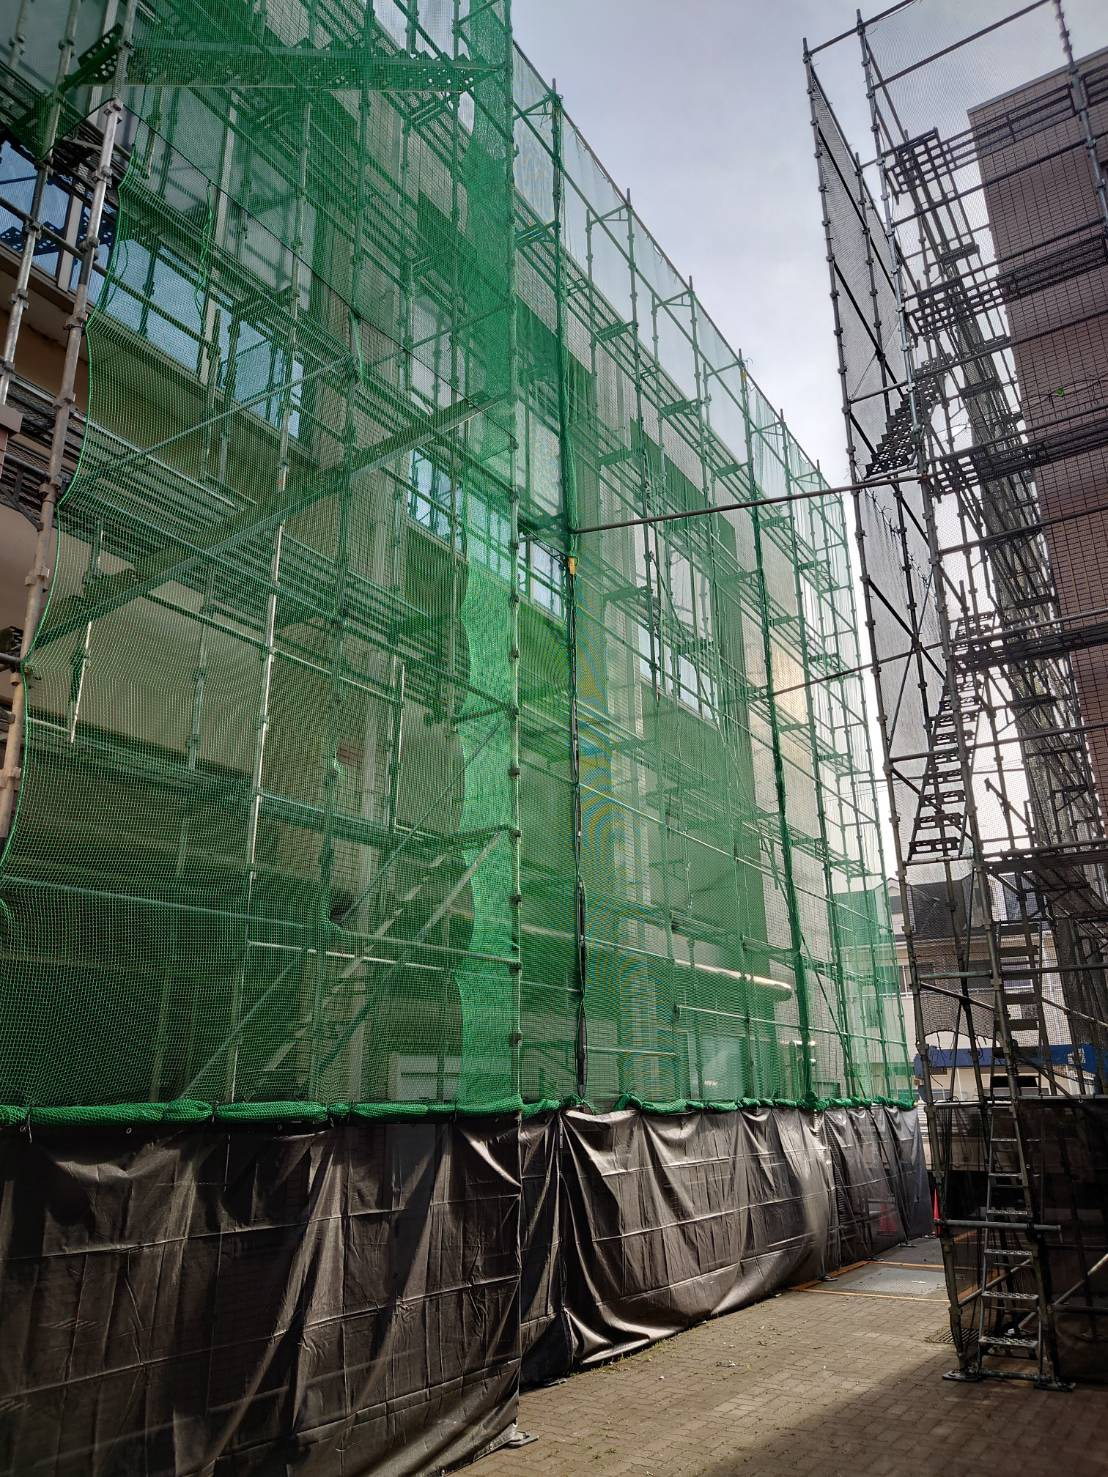 福井県福井市 某病院現場 垂直ラッセルネットはり